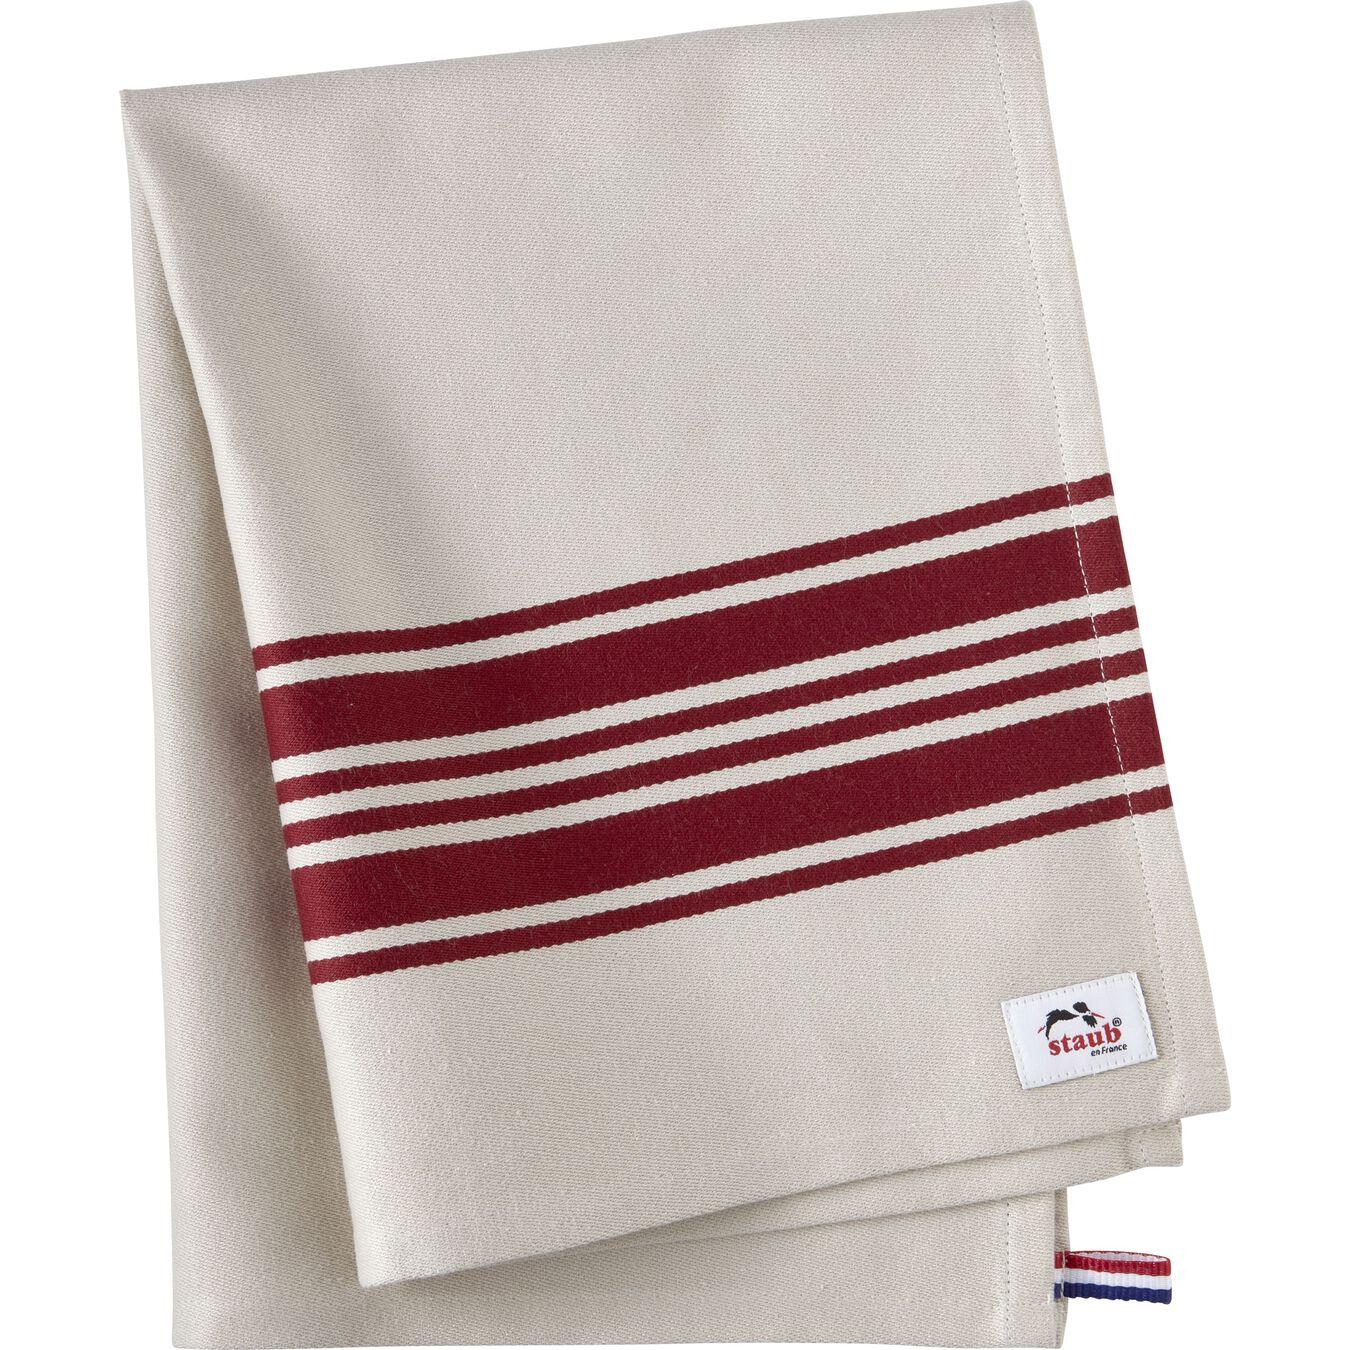 70 cm x 50 cm Cotton Kitchen towel, Cherry,,large 2